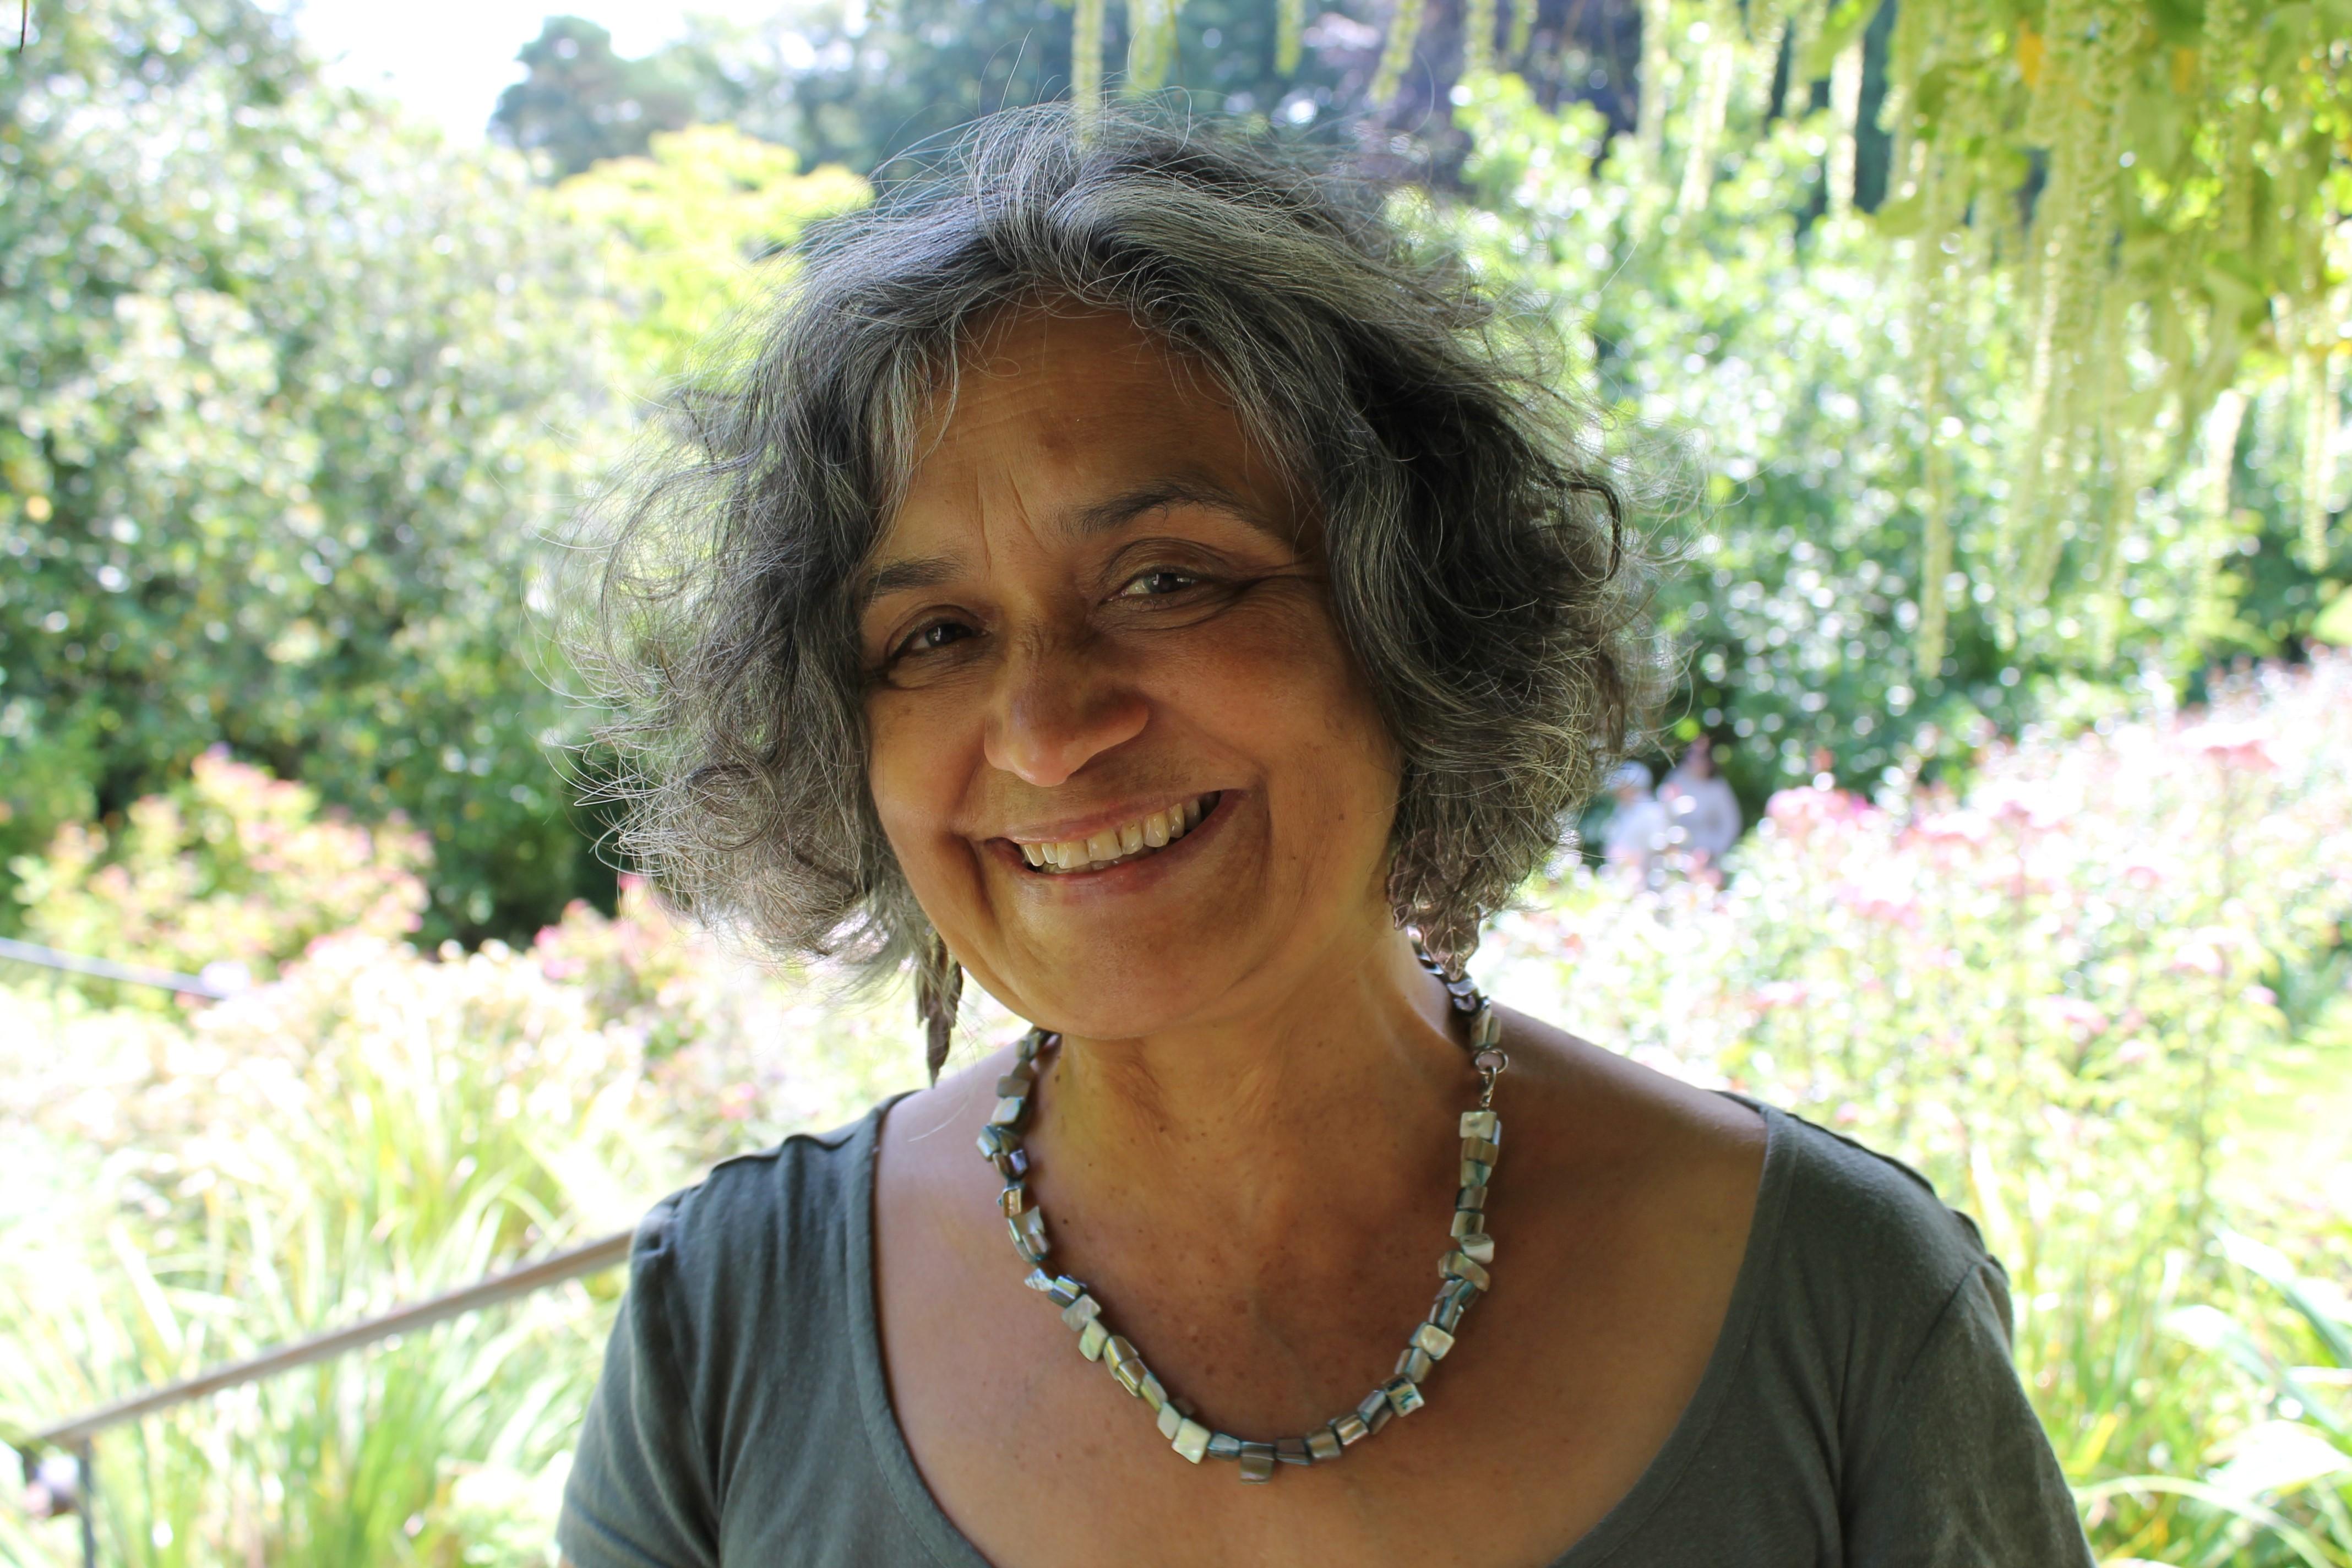 Sofia Chanda-Gool